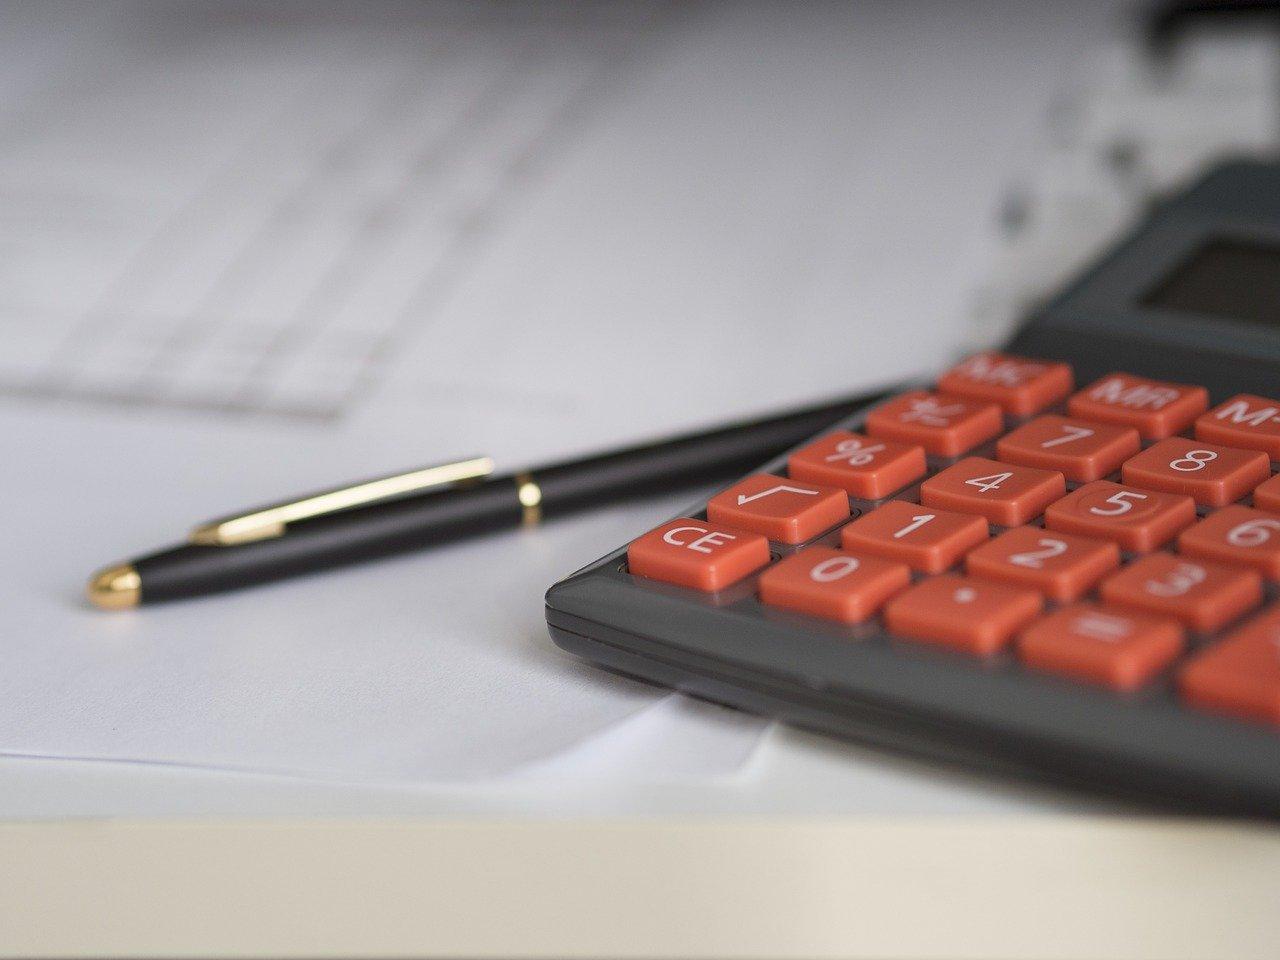 Človek bo težko razvil finančno pismenost, če je njegova pismenost na drugih področjih slabo razvita.